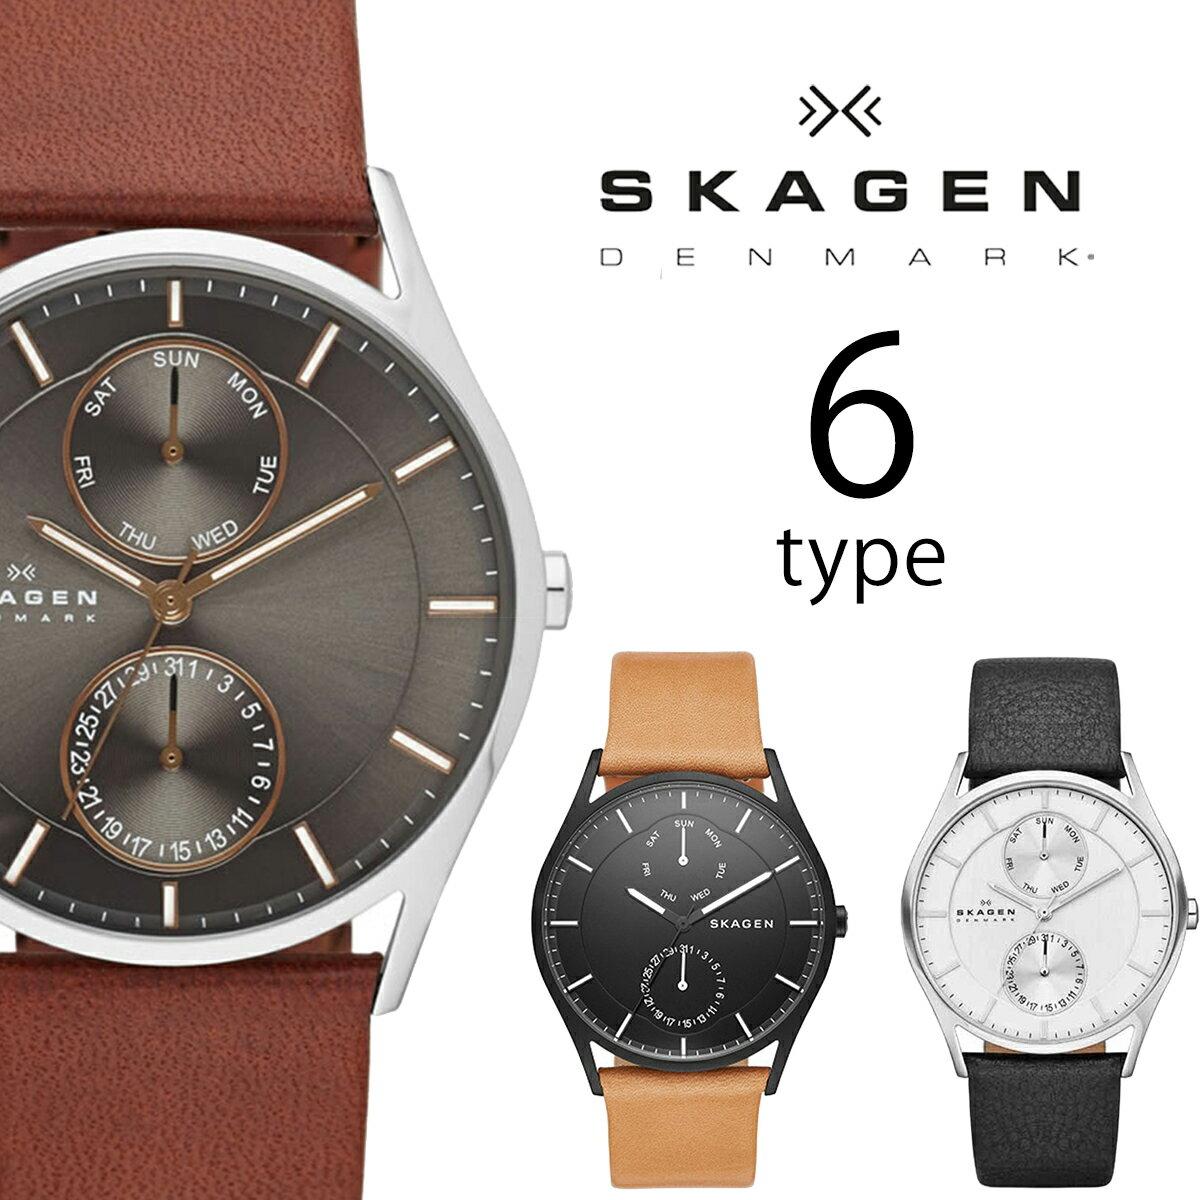 SKAGEN スカーゲン 5タイプ 時計 腕時計 メンズ レディース ユニセックス 北欧 スリム プレゼント ギフト [海外正規商品][送料無料][あす楽]